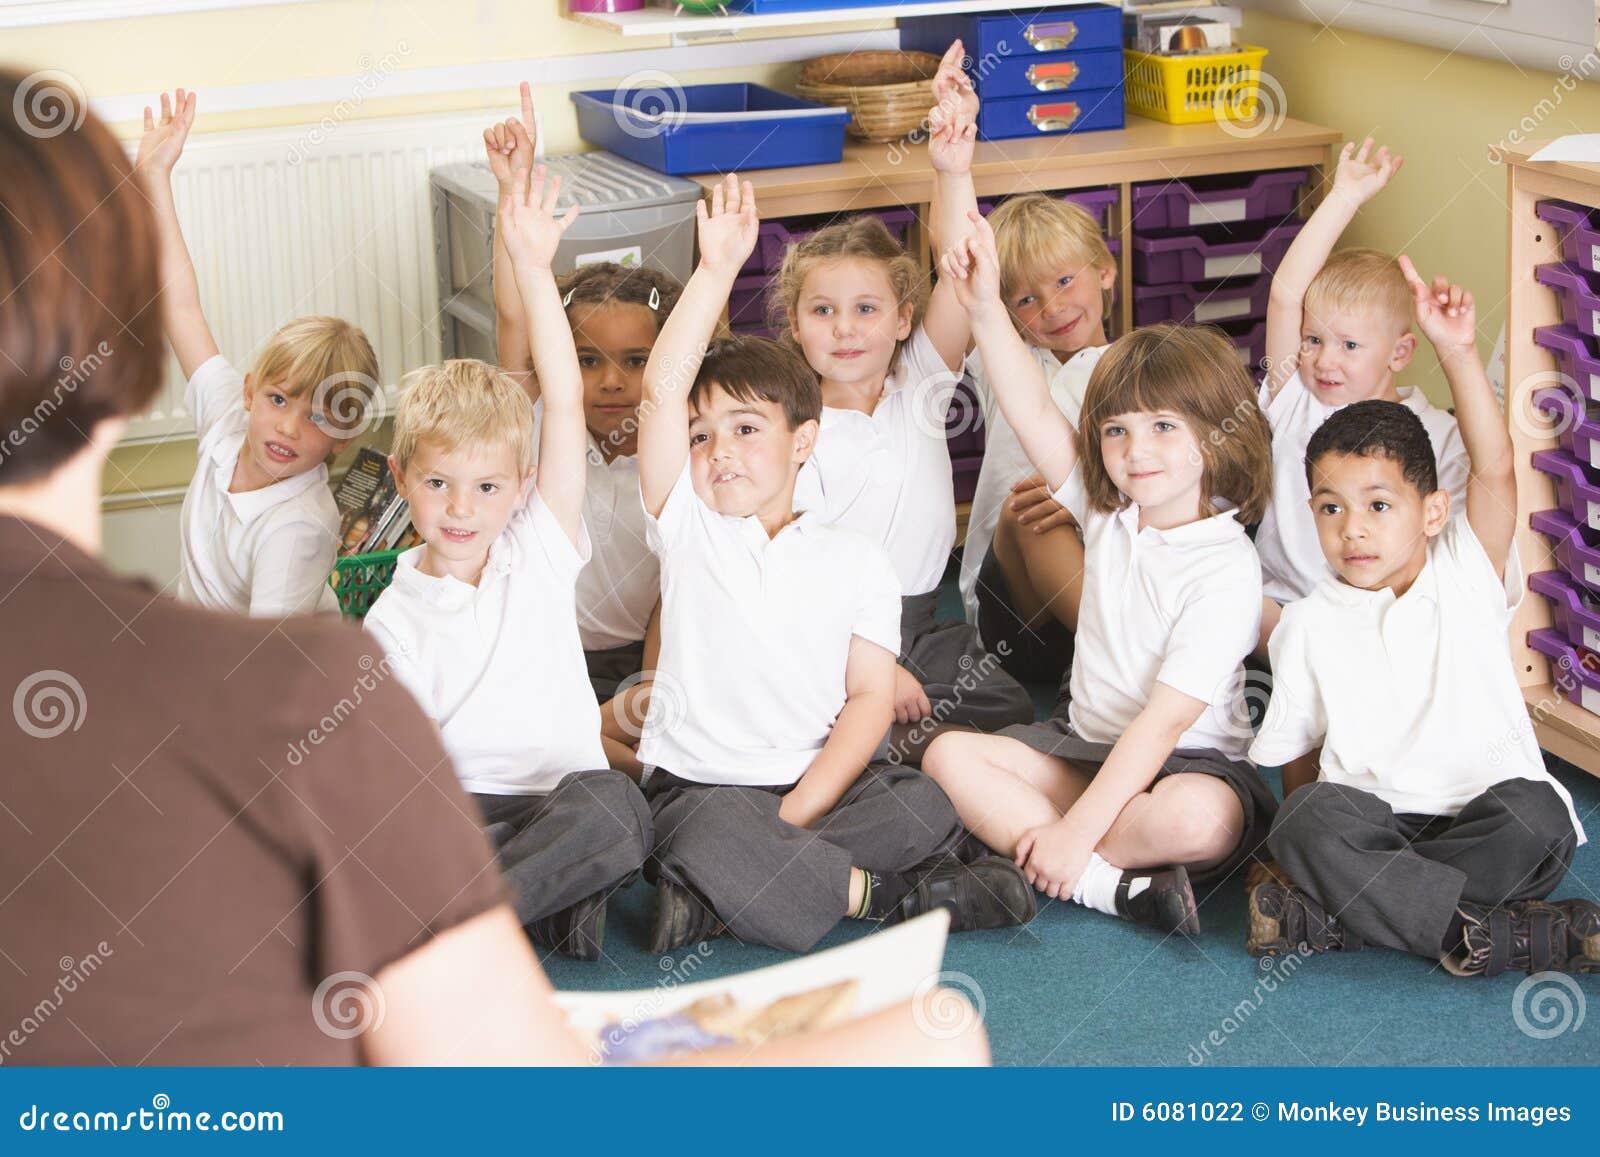 Ręce klasowej podwyżkę uczniów ich pierwotnych